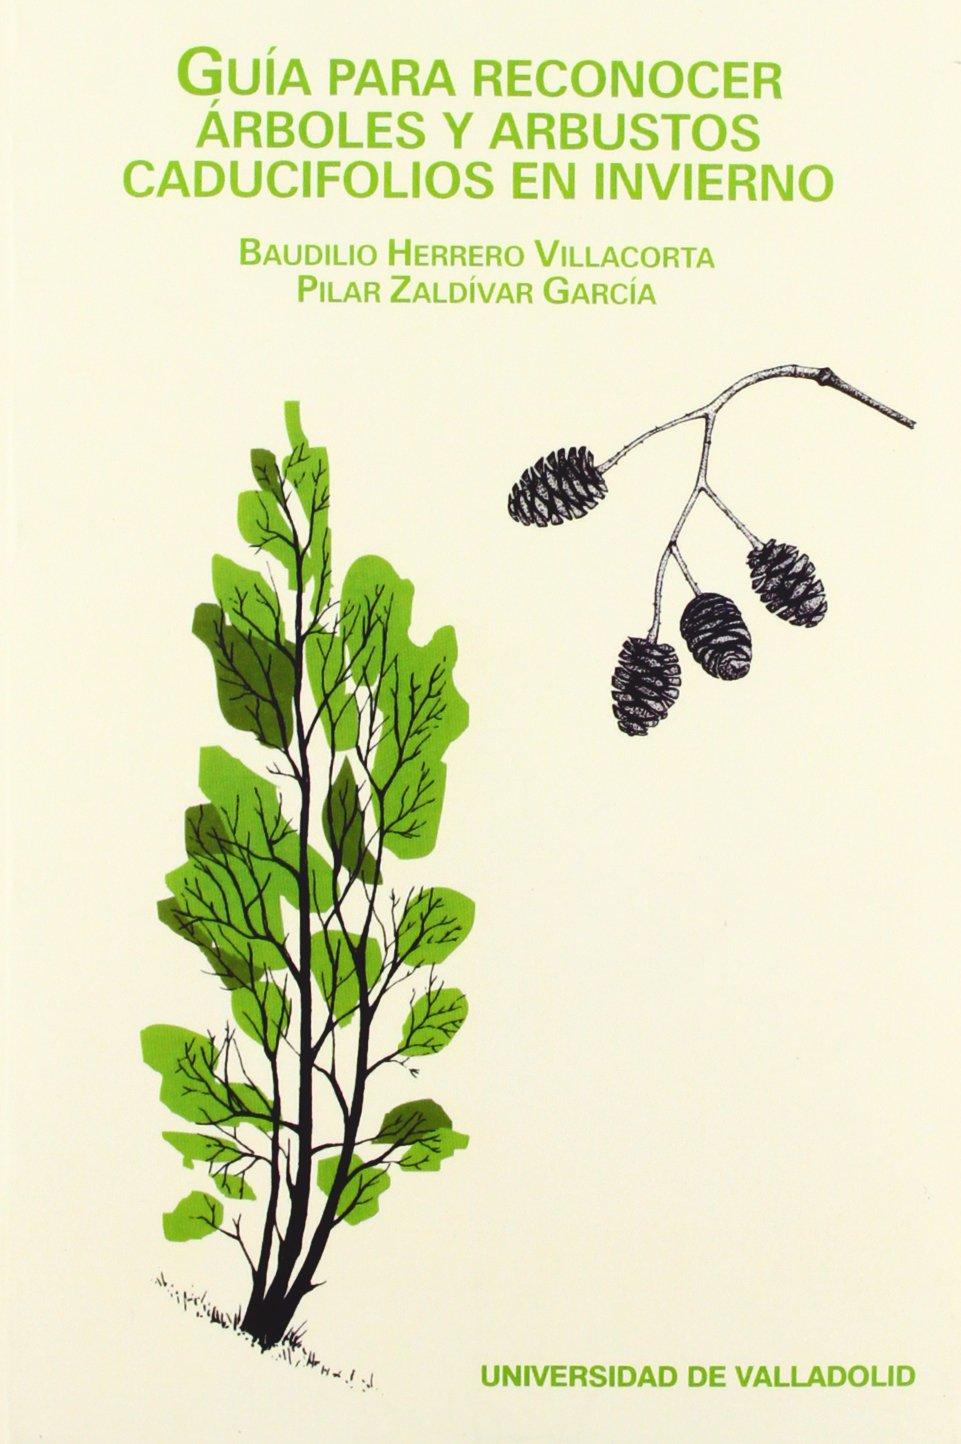 Guia Para Reconocer Árboles Y Arbustos Caducifolios En Invierno: Amazon.es: Herrero Villacorta, Baudilio, Zaldivar Garcia, Pilar: Libros